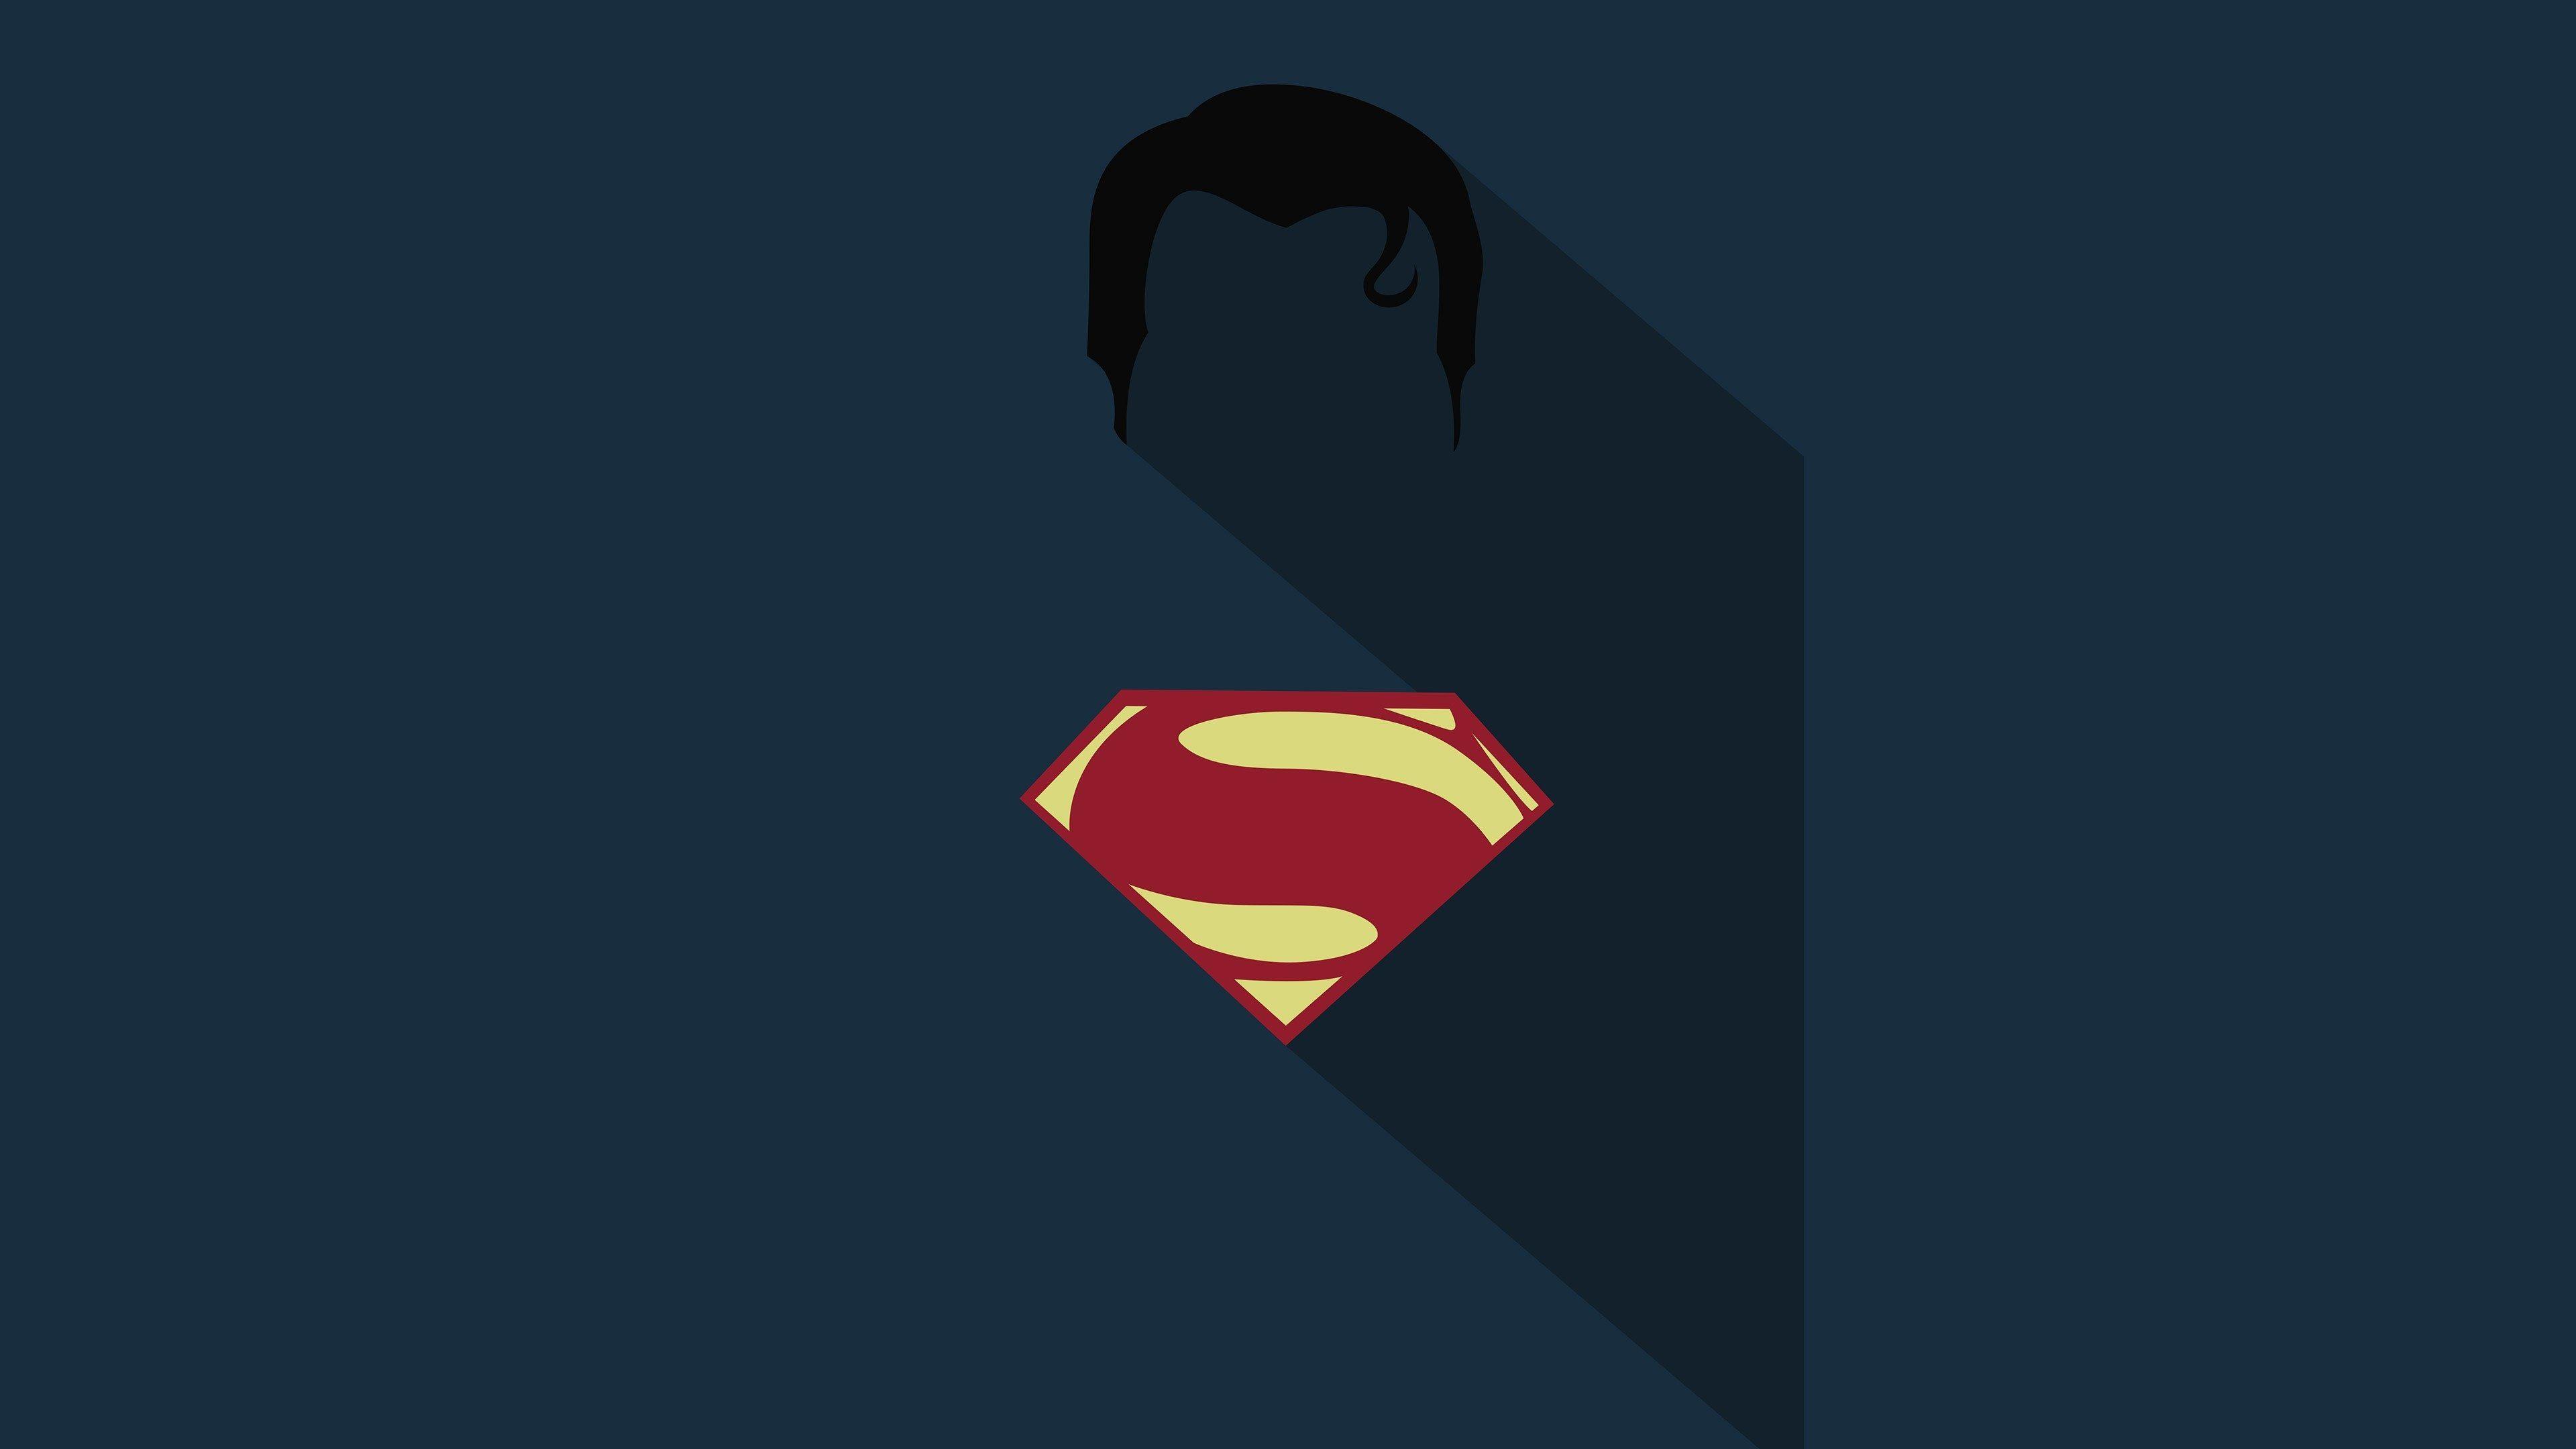 Superman 4k Background Desktop Superman Wallpaper Superhero Wallpaper Superman Wallpaper Logo